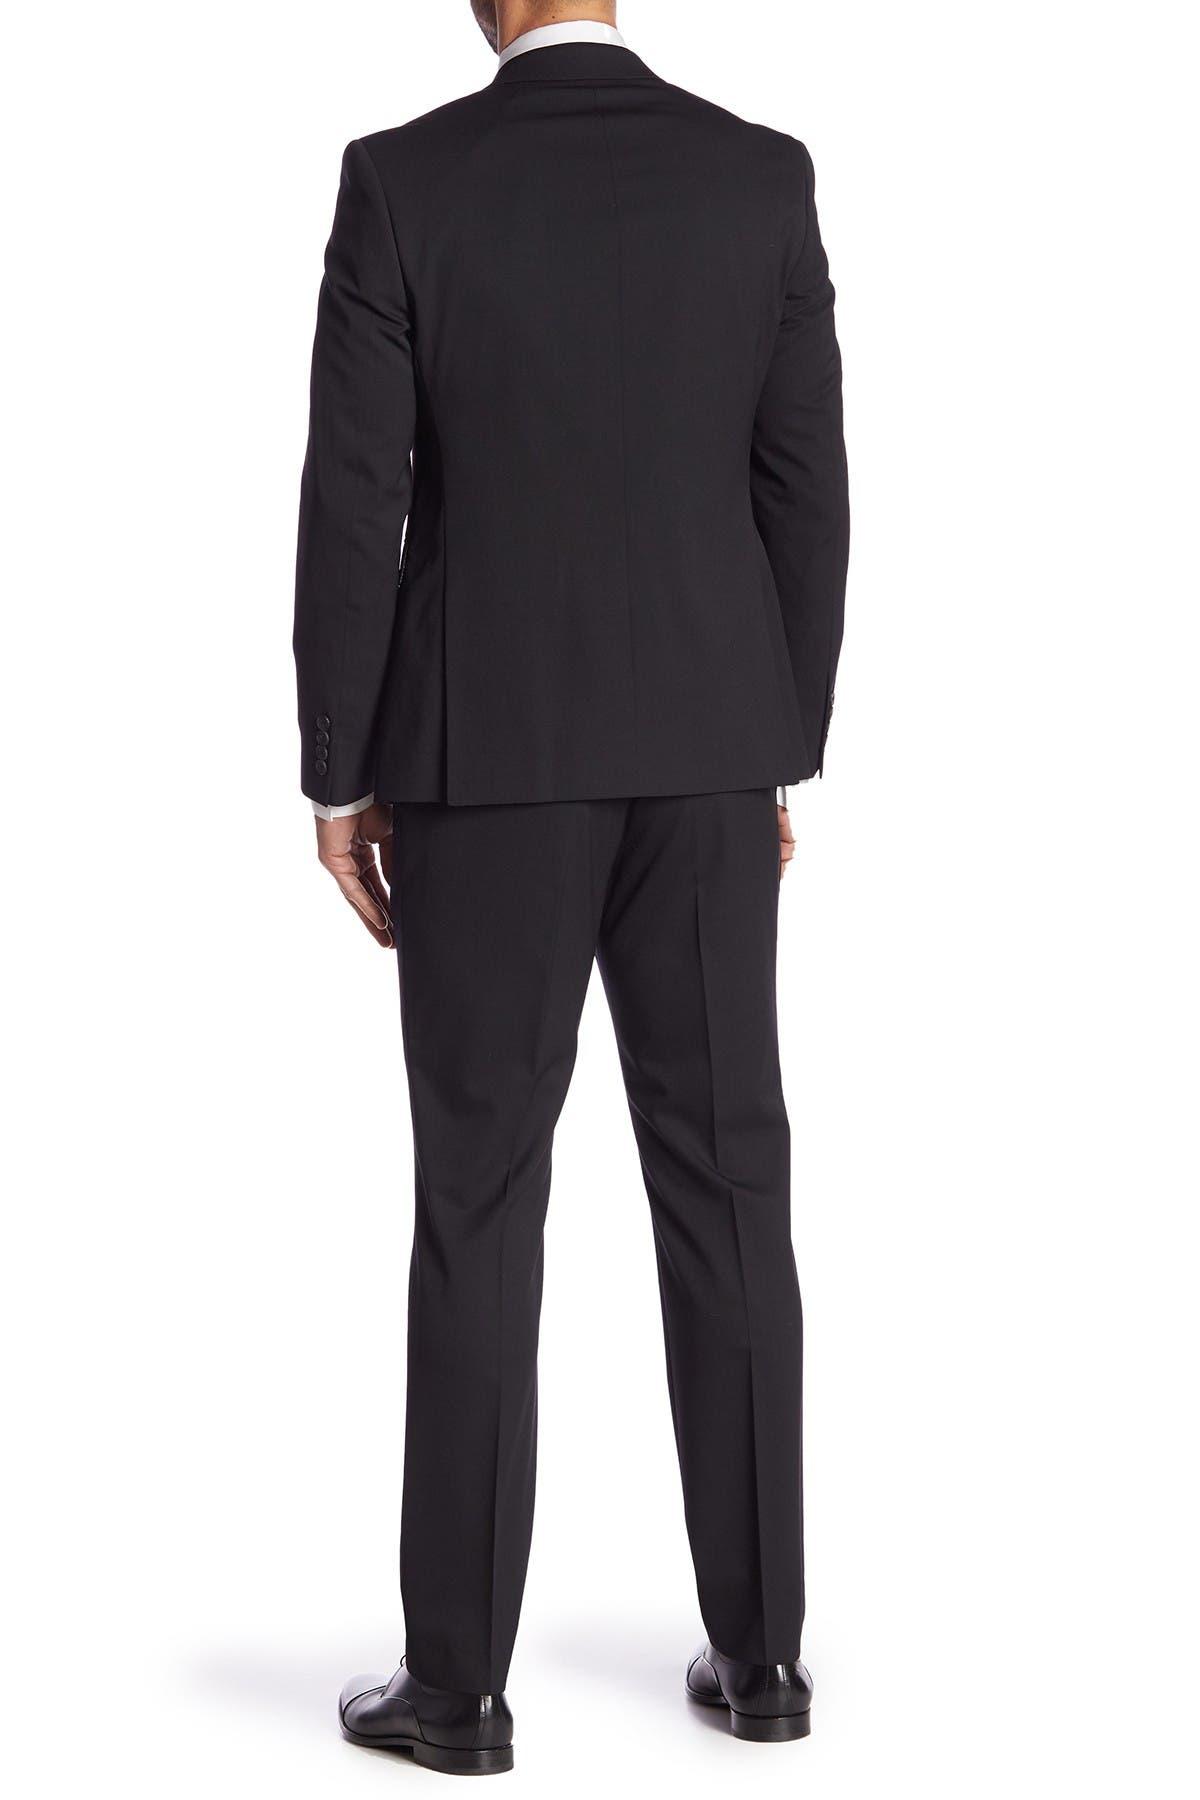 Image of Original Penguin Black Solid Two Button Notch Lapel Wool Blend Suit